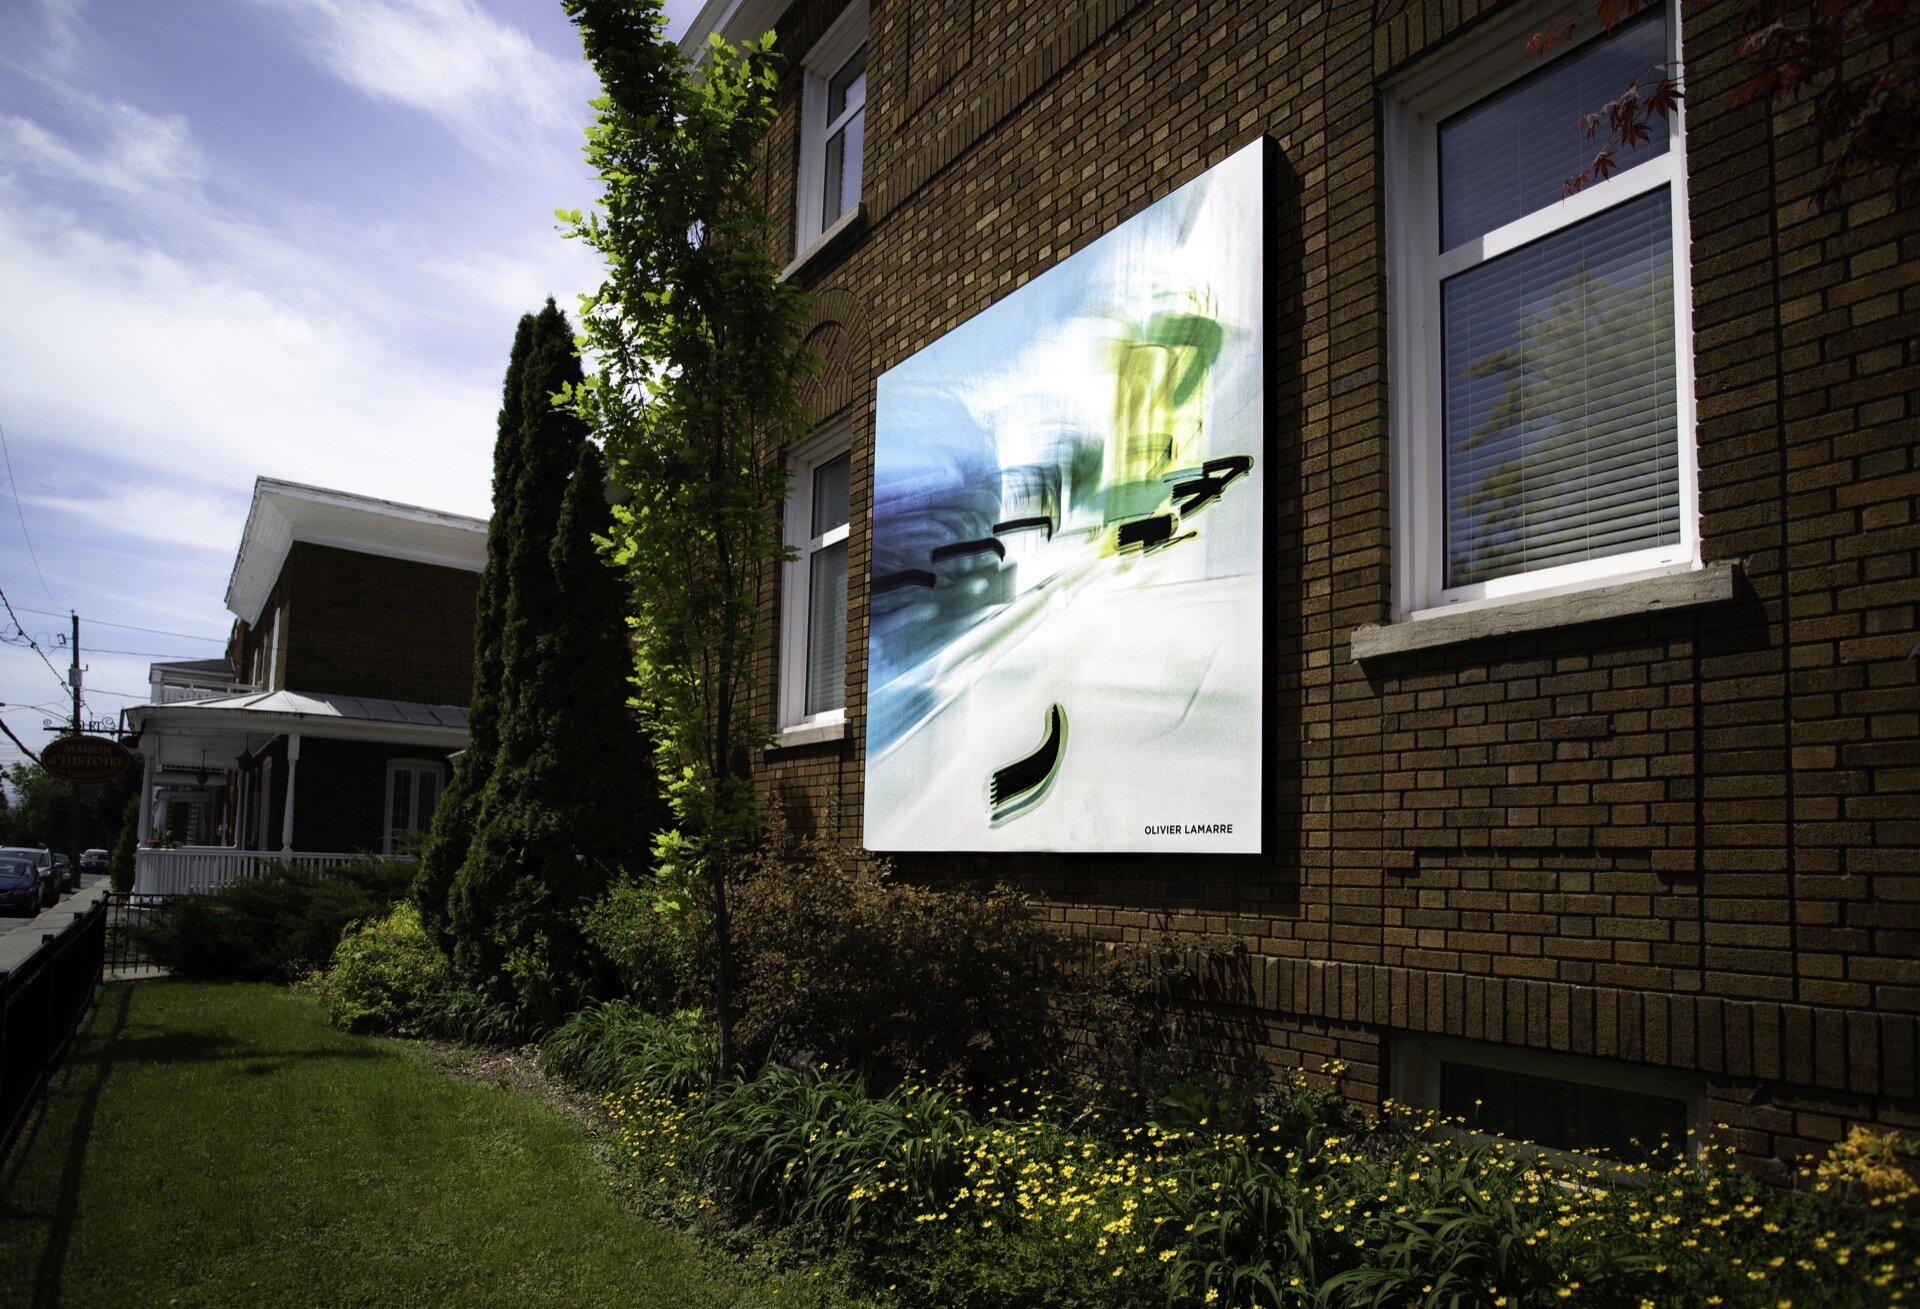 olivier-lamarre-photographe-terrebonne-art-urbain-8.jpg